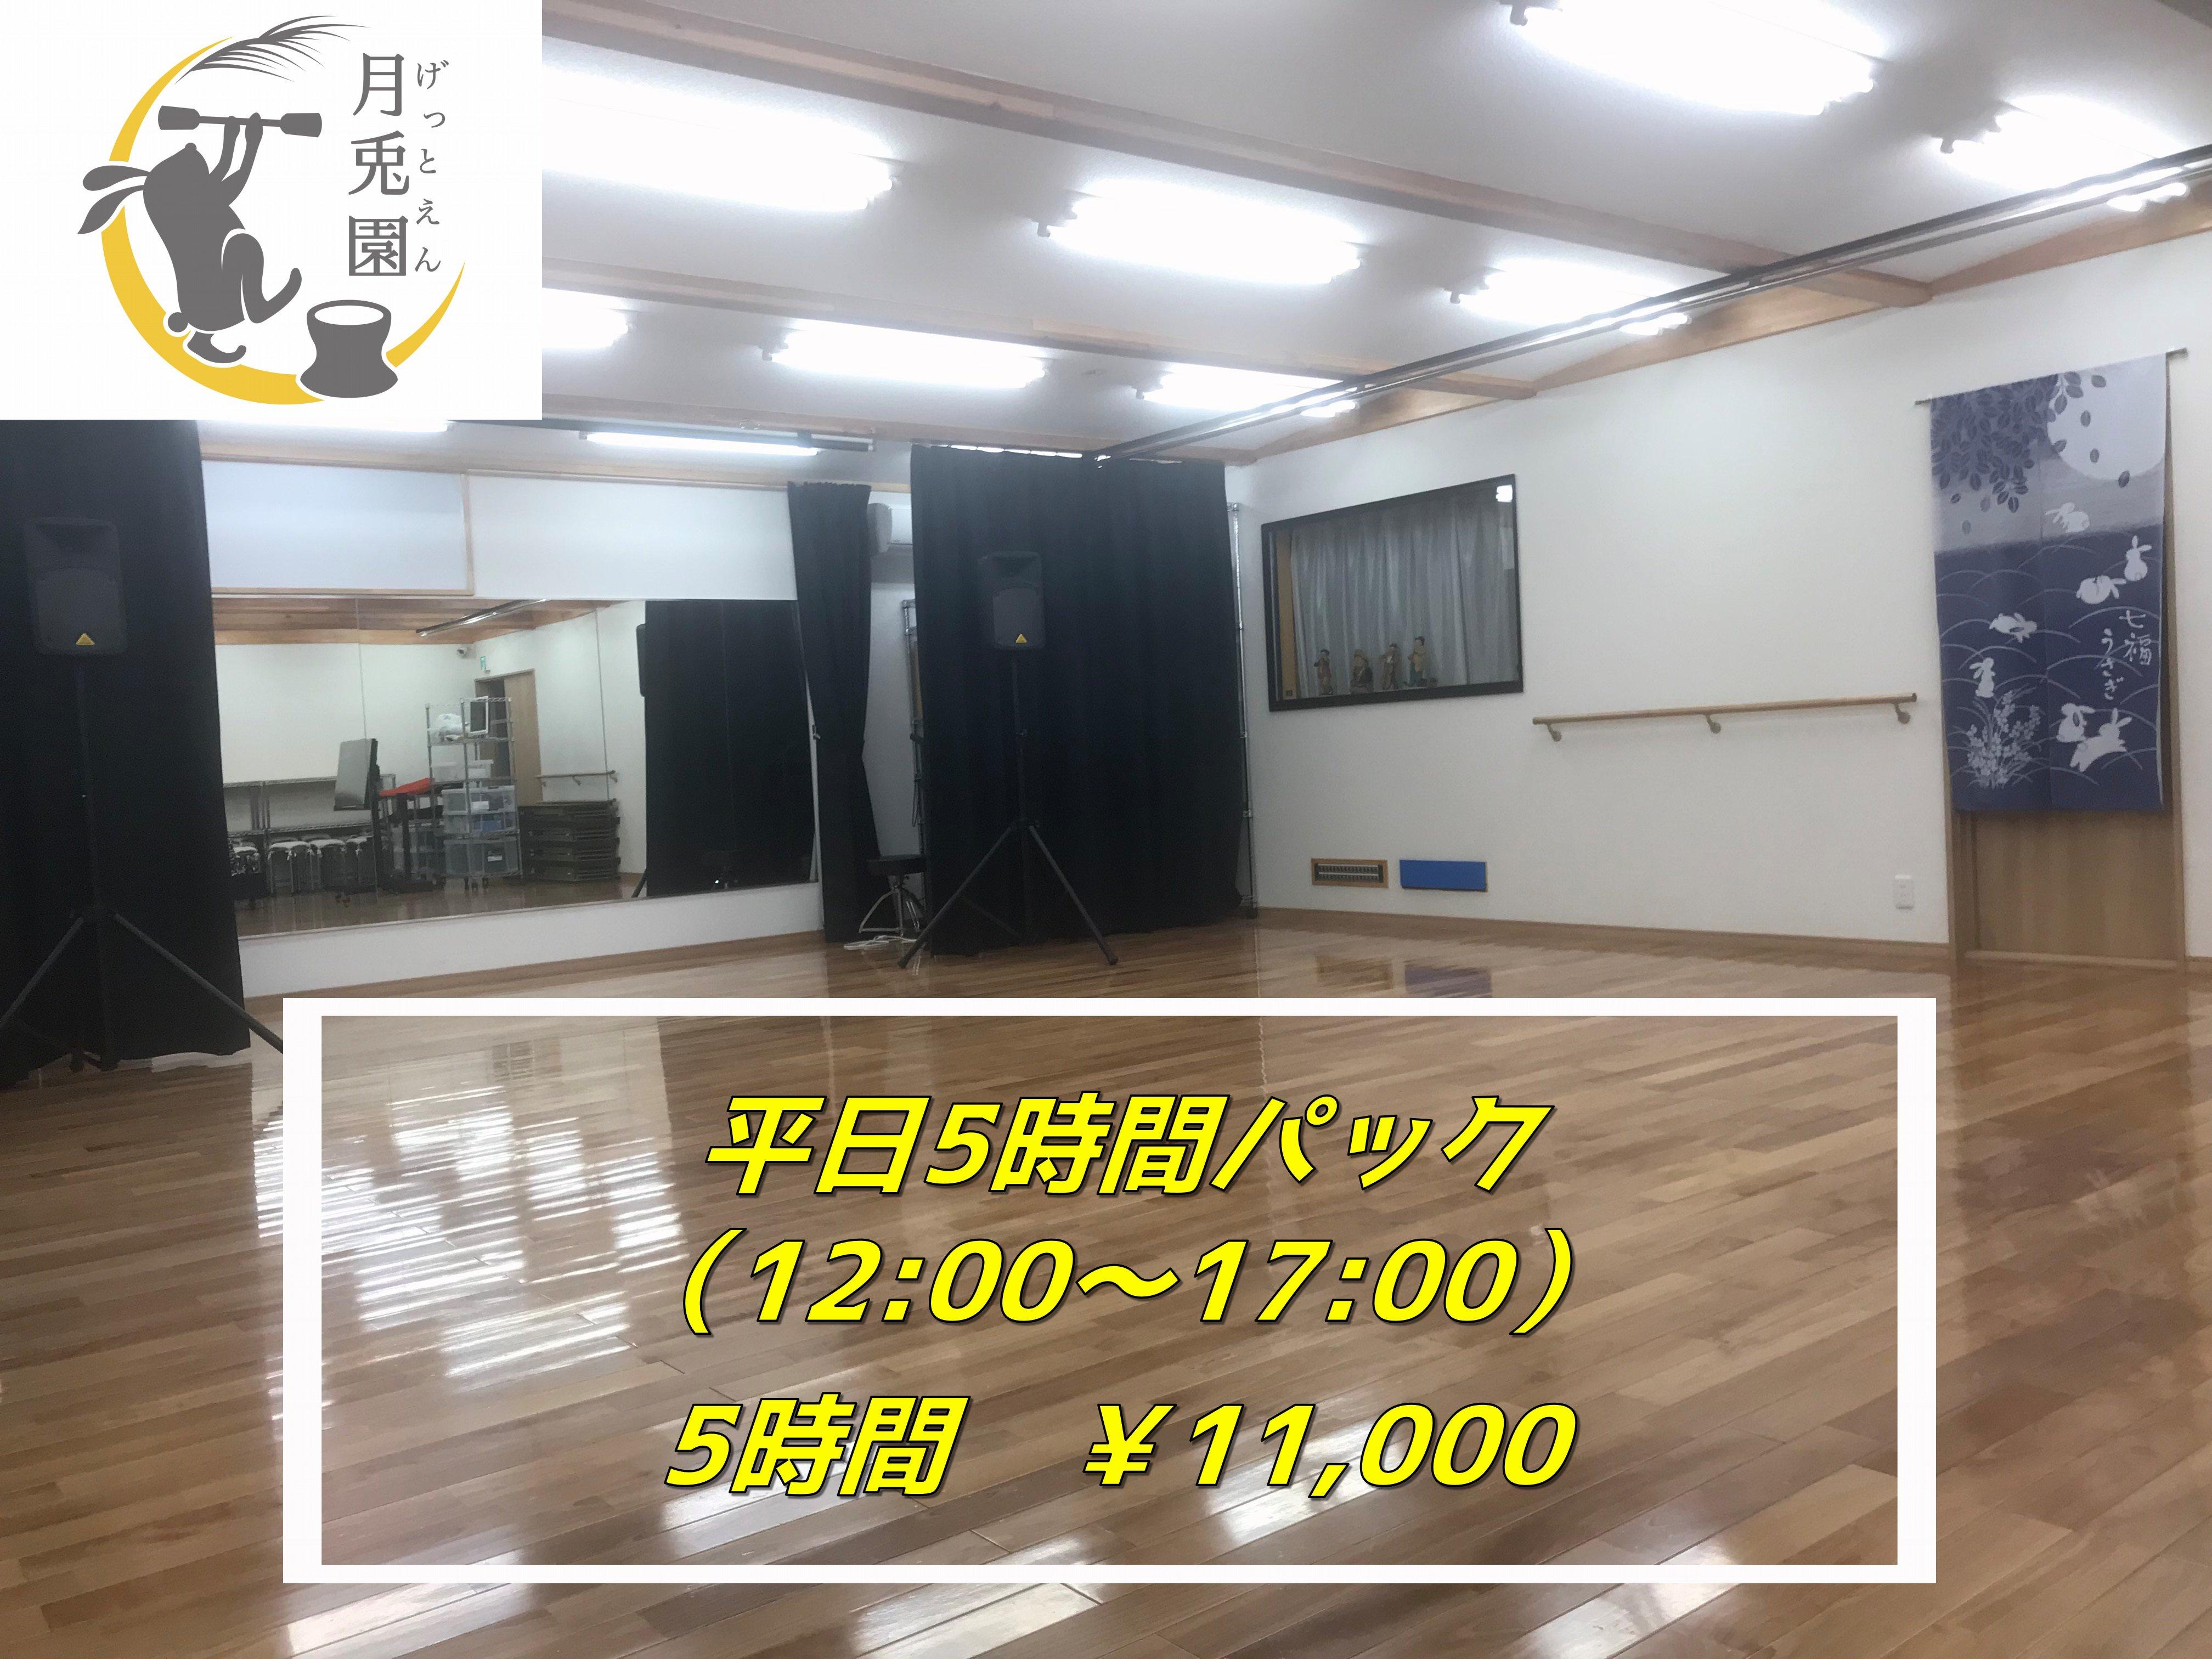 月兎園スタジオレンタル 平日5時間パック 12:00〜17:00※平日月〜金のみ予約可能のイメージその1